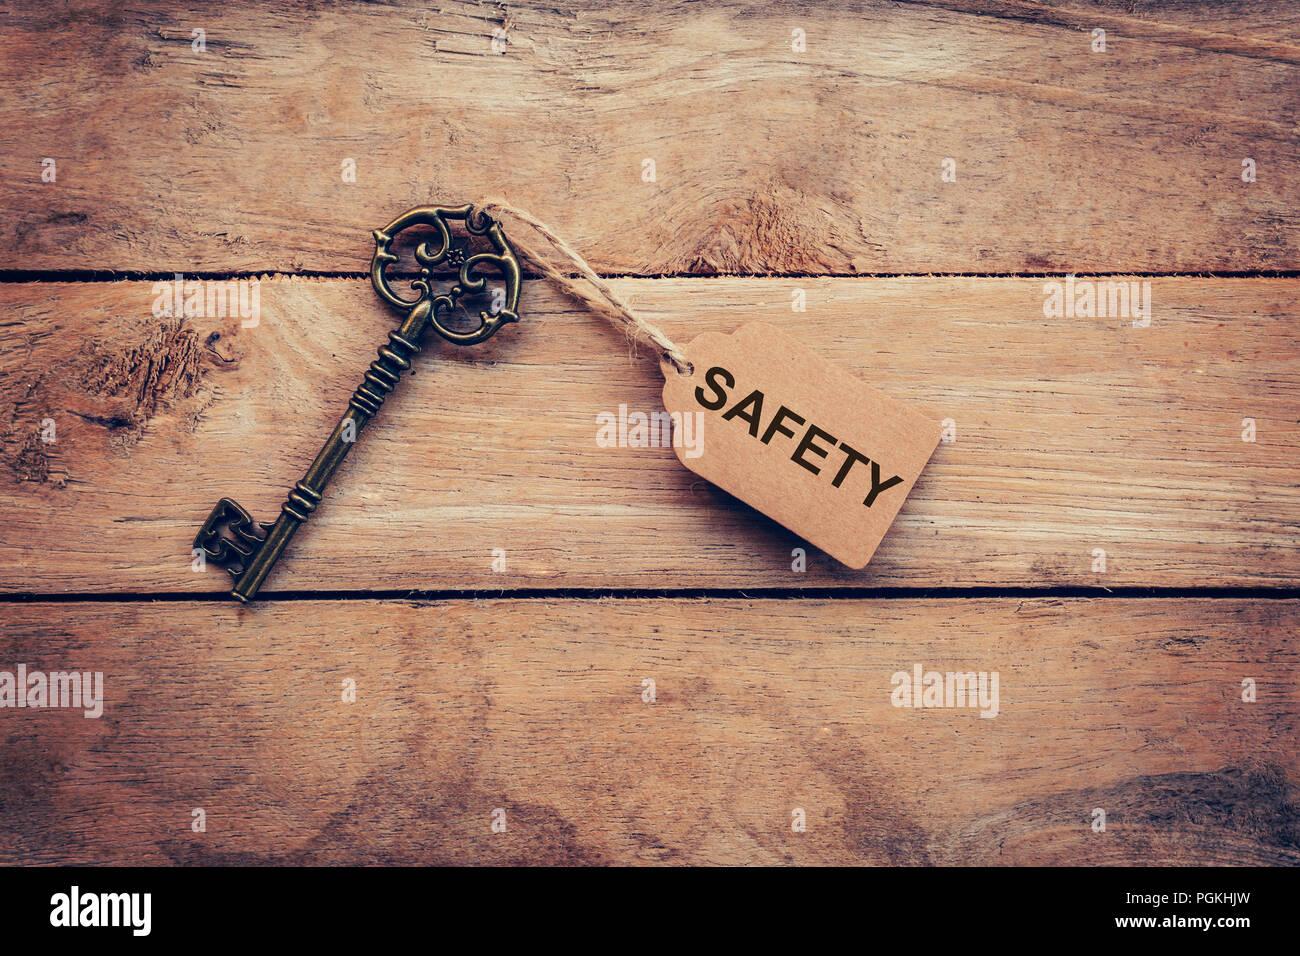 Vecchia chiave e tag etichetta di sicurezza su legno per la concezione di business. Immagini Stock